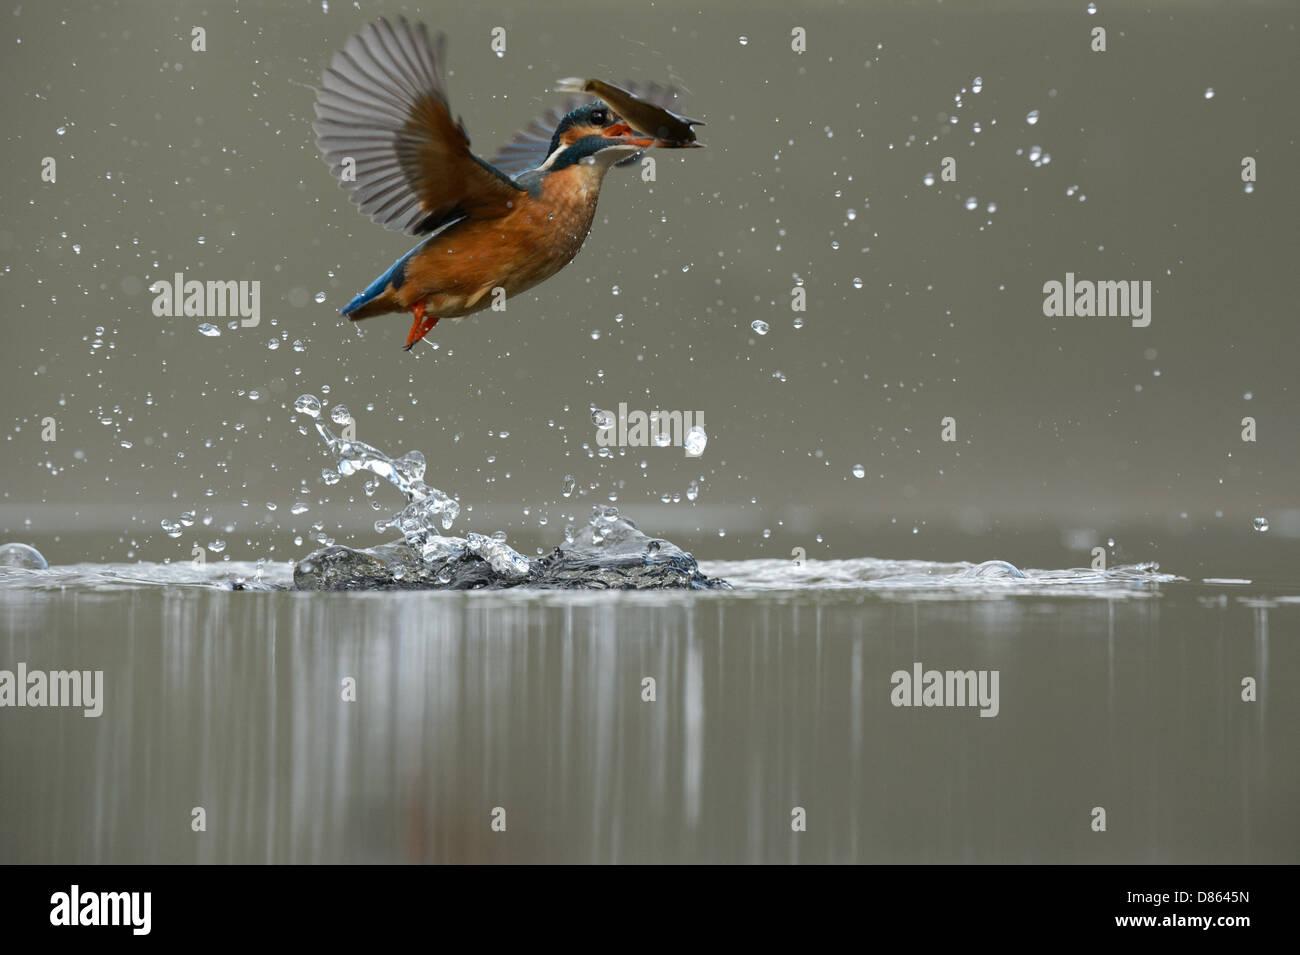 Flying kingfisher surgida tras una inmersión Imagen De Stock